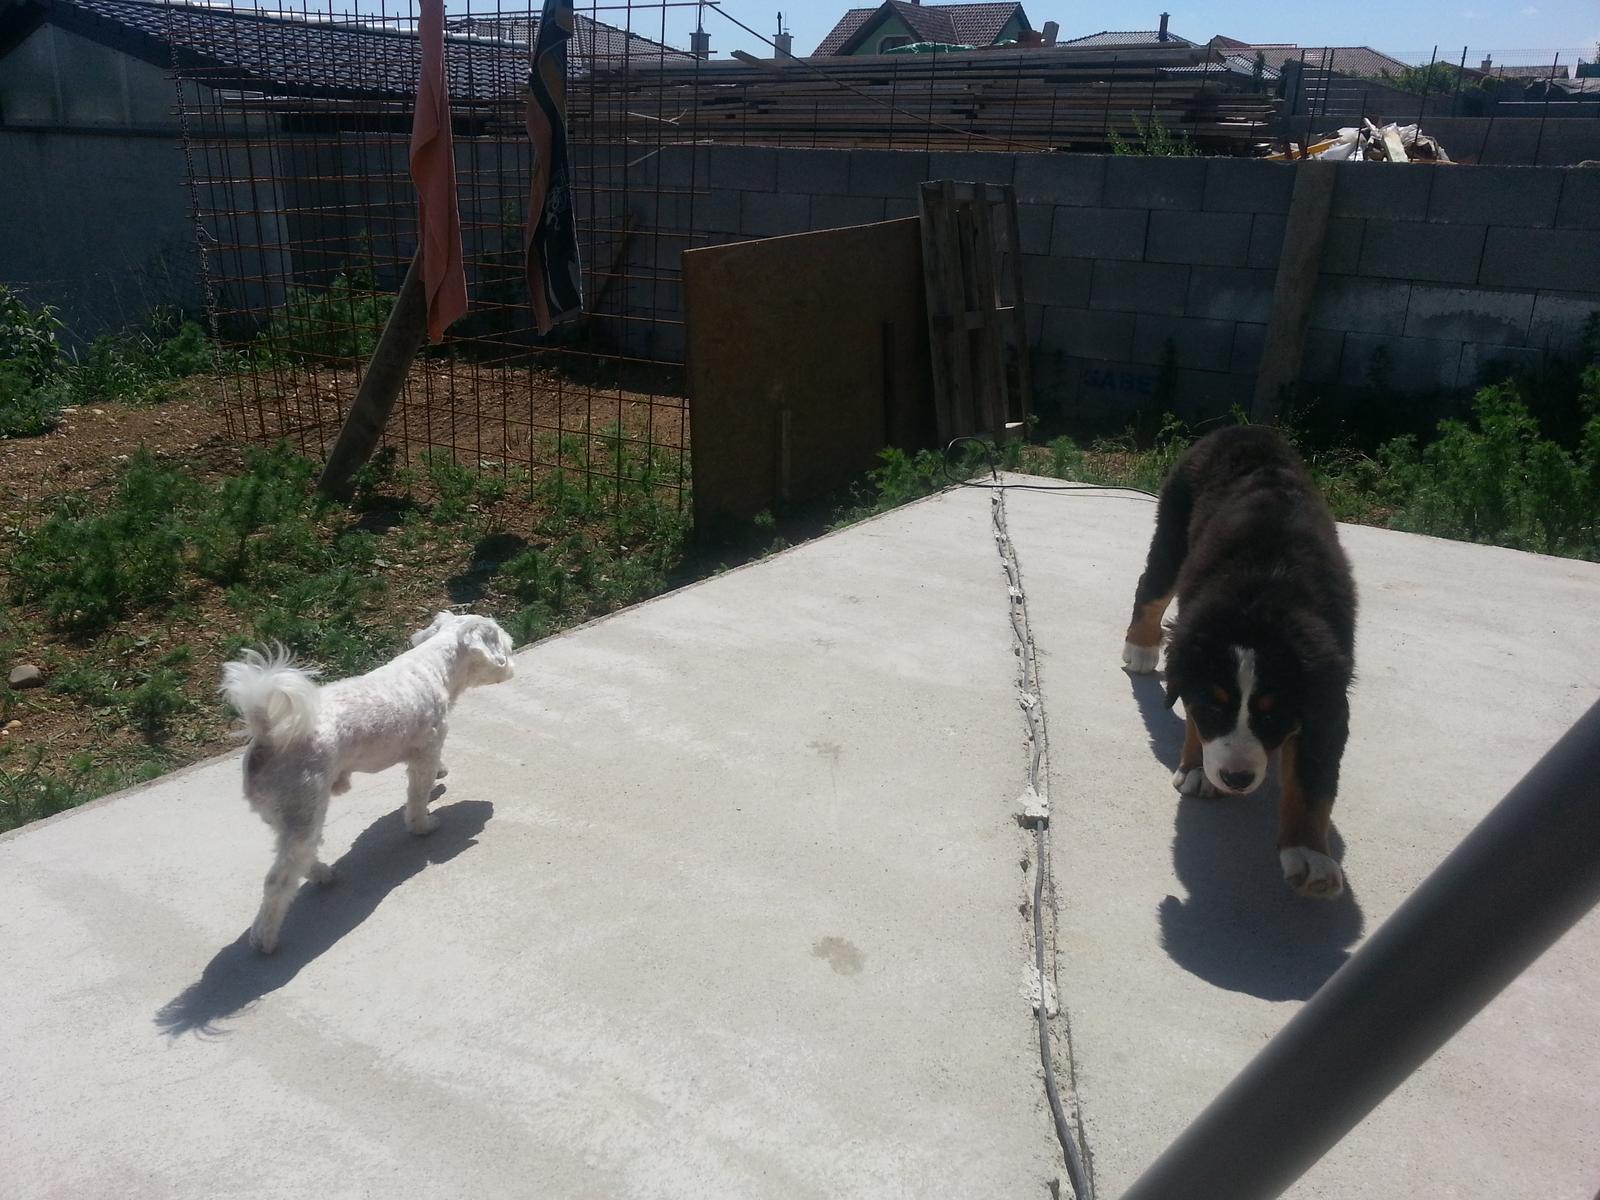 Nas zverinec - dve fenky,jeden pes a dvaja kocurikovia - Obrázok č. 10